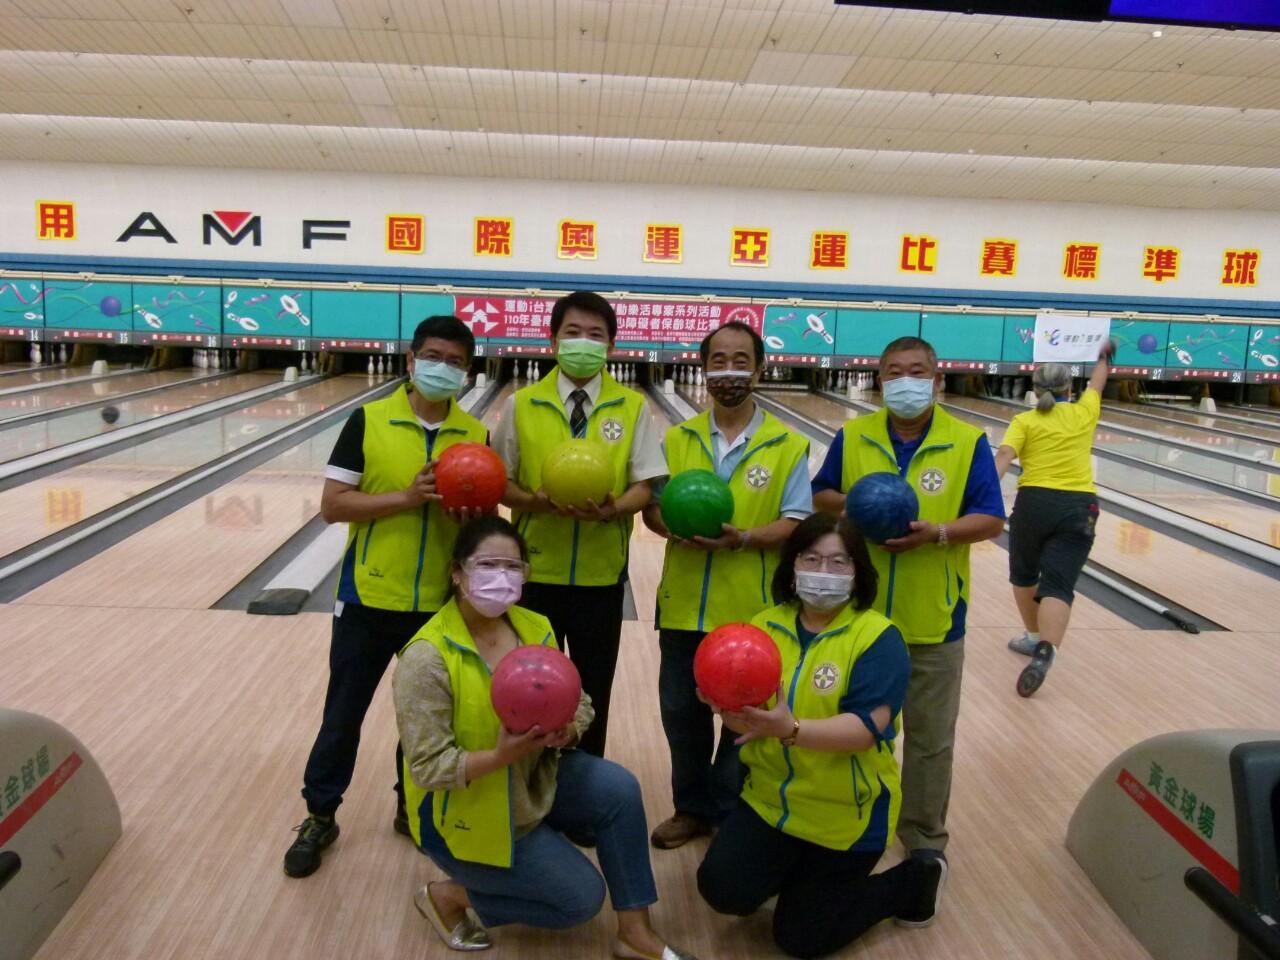 110年度公益活動臺南市西藥盃身心障礙者保齡球賽於黃金保齡球館舉行。_210830_2